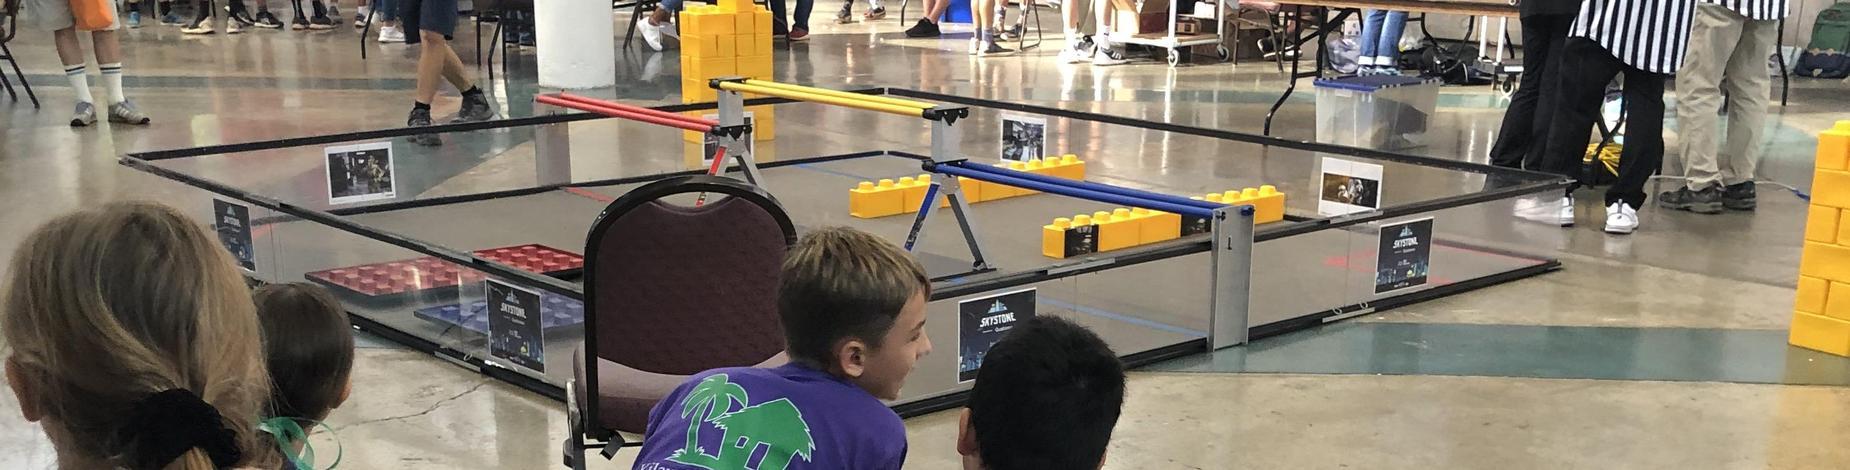 High School robot mat awaiting the bots!